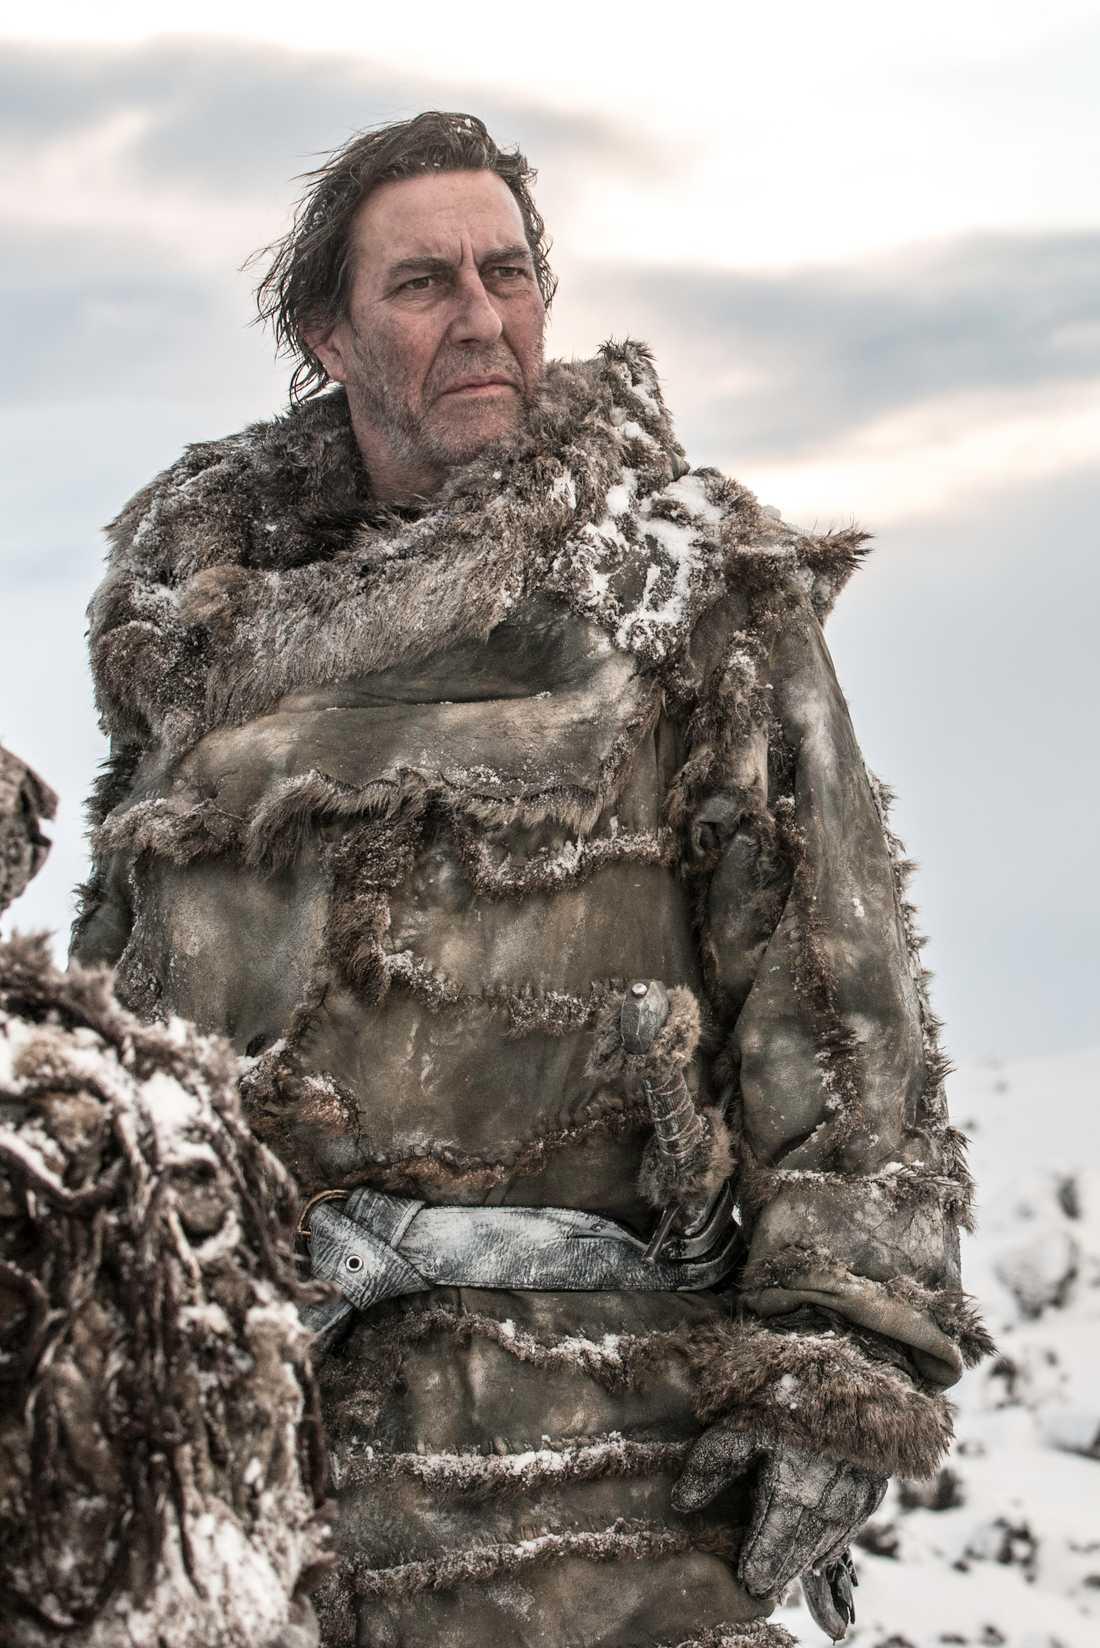 Mance Ryder, the king beyond the wall, har också fått kläder gjorda av Lineas avdelning.